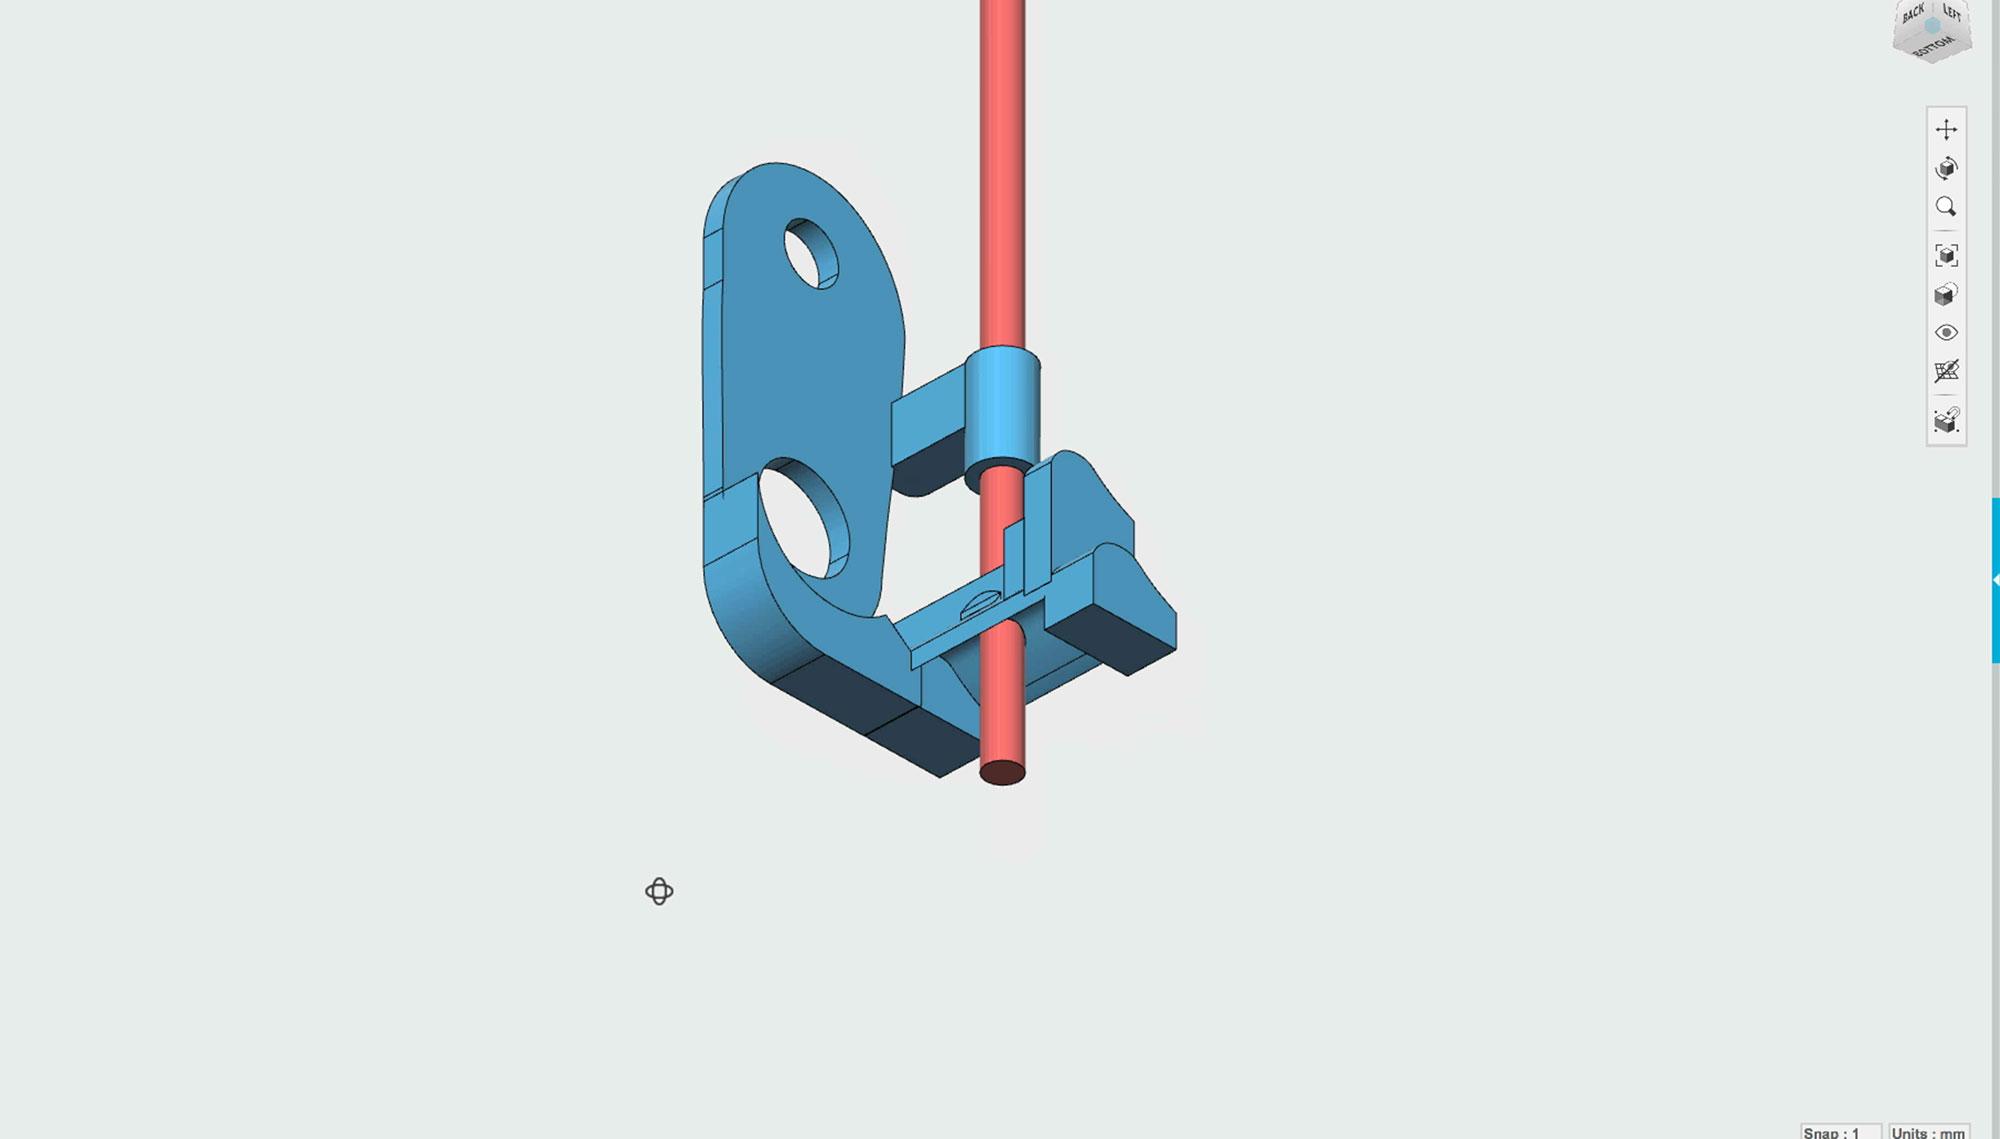 3d_printing_guide-btm.jpg